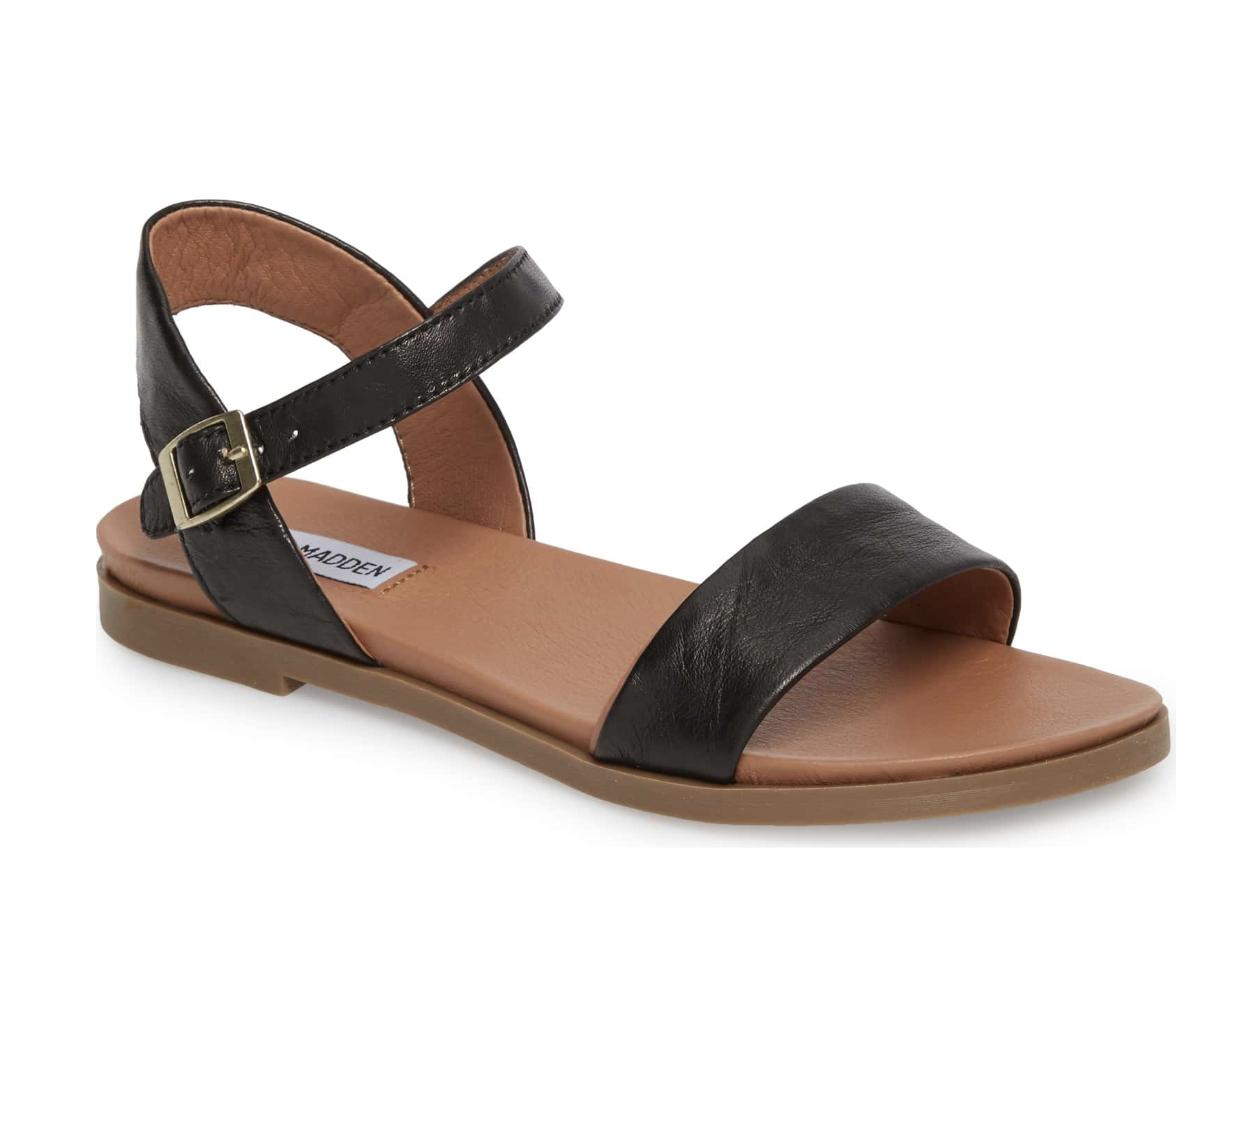 Steve Madden 'Dina' sandal